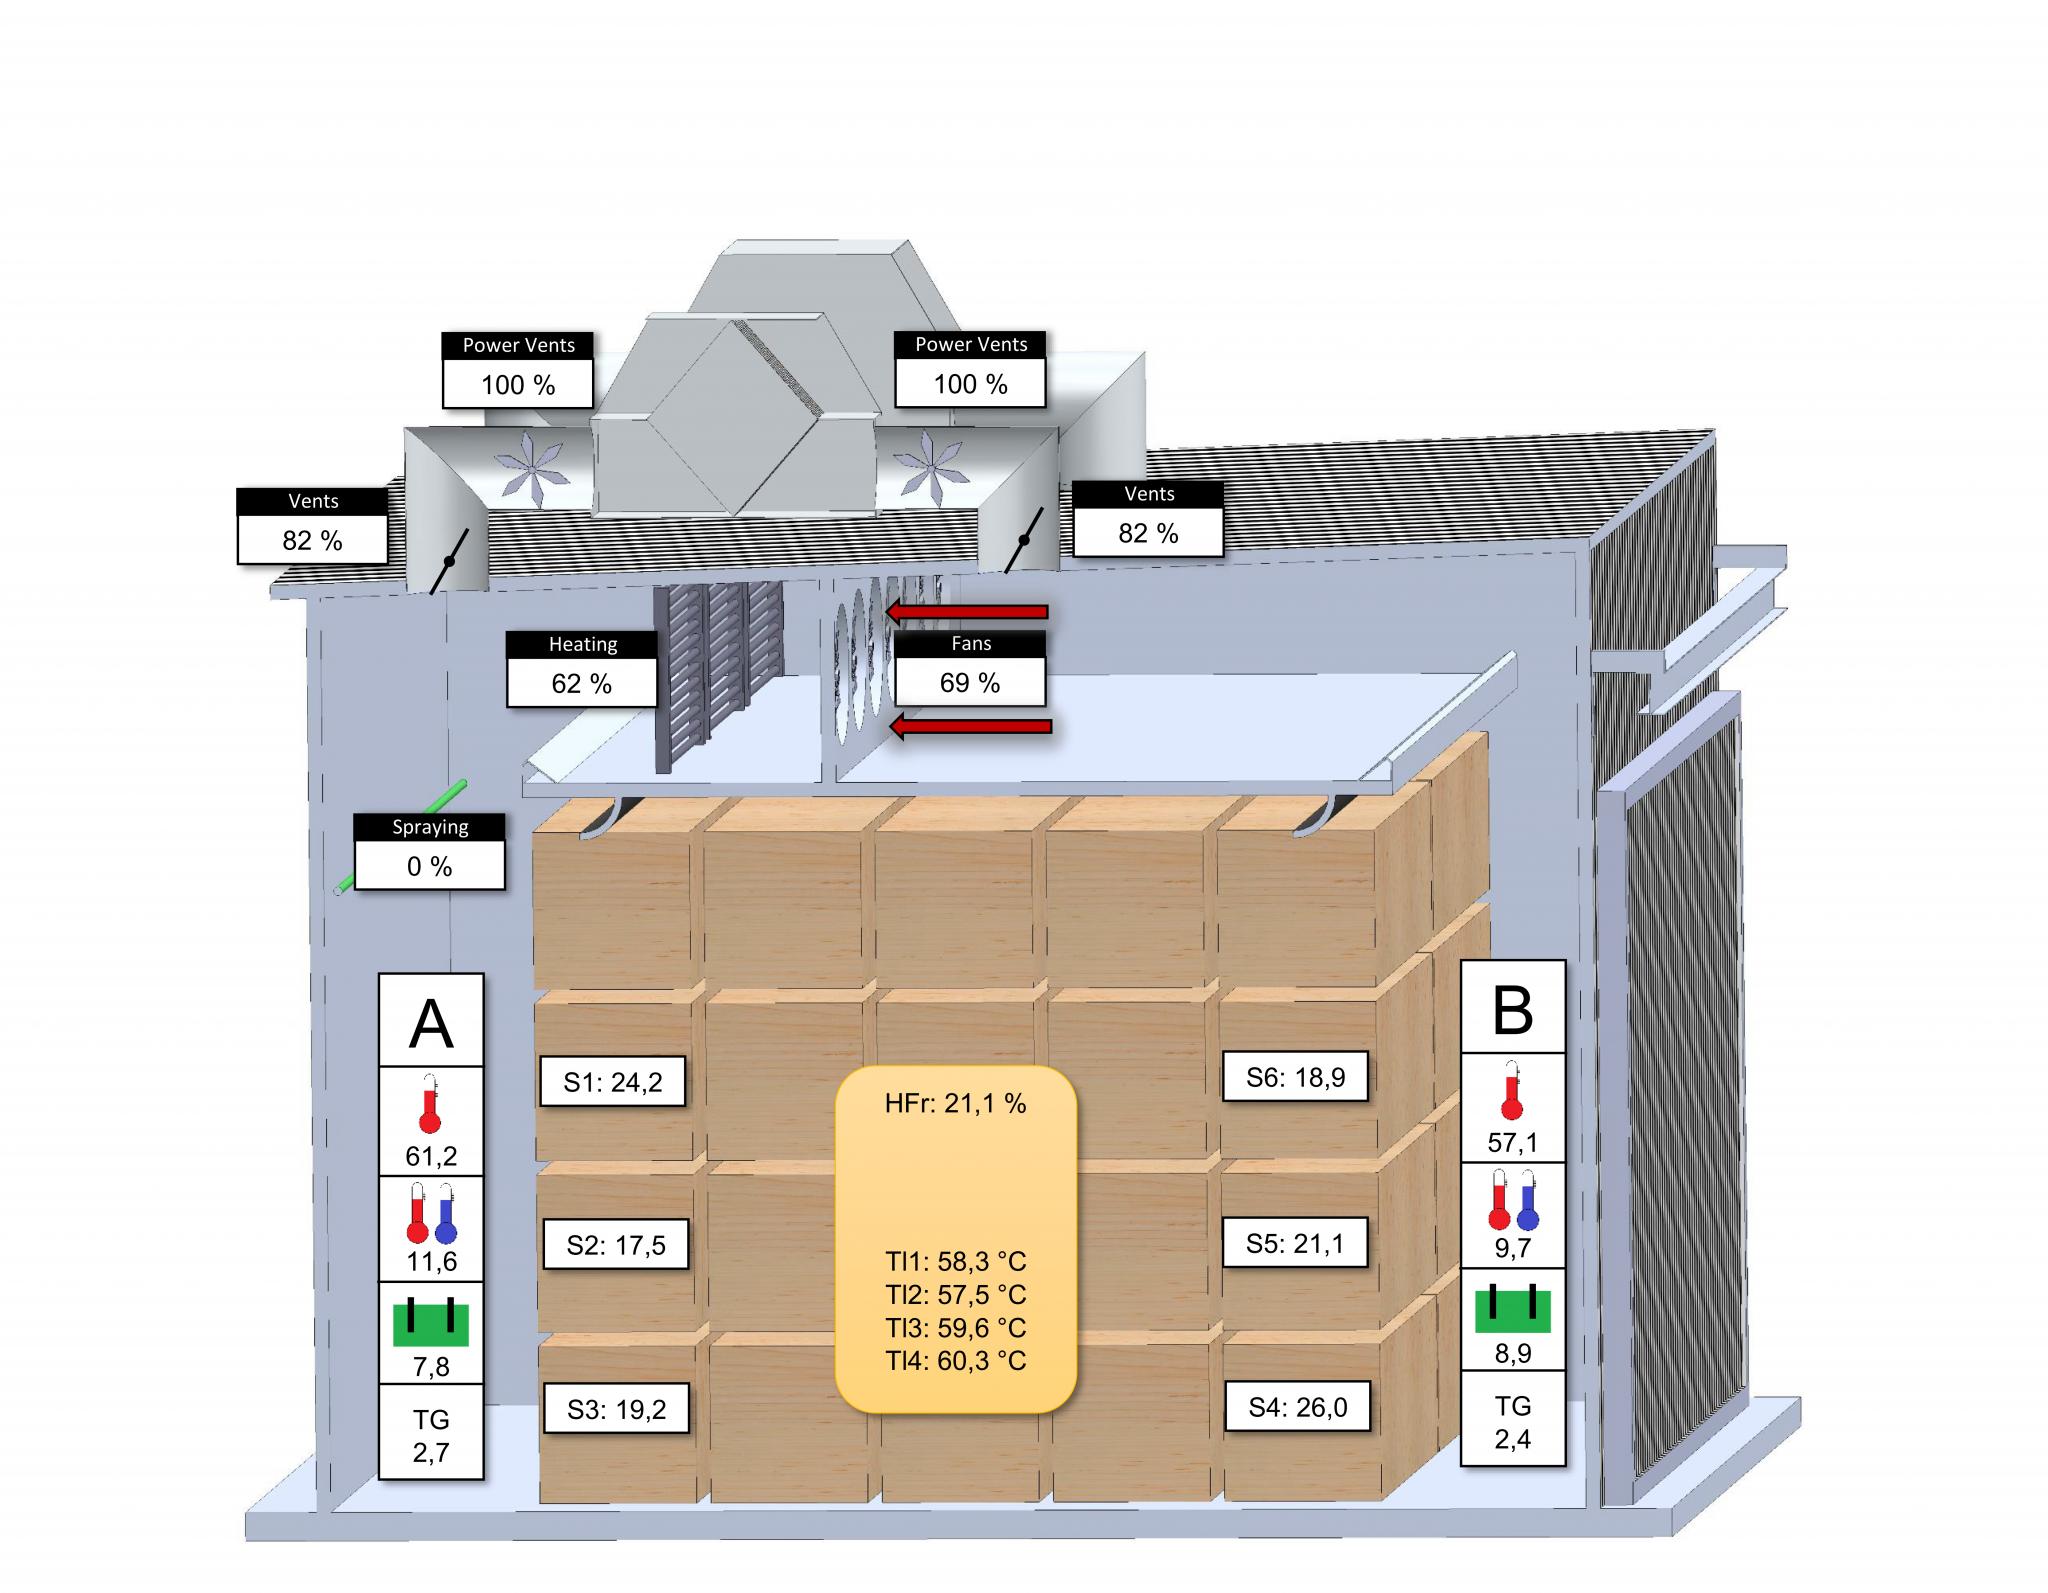 Hildebrand-Brunner drying chambers